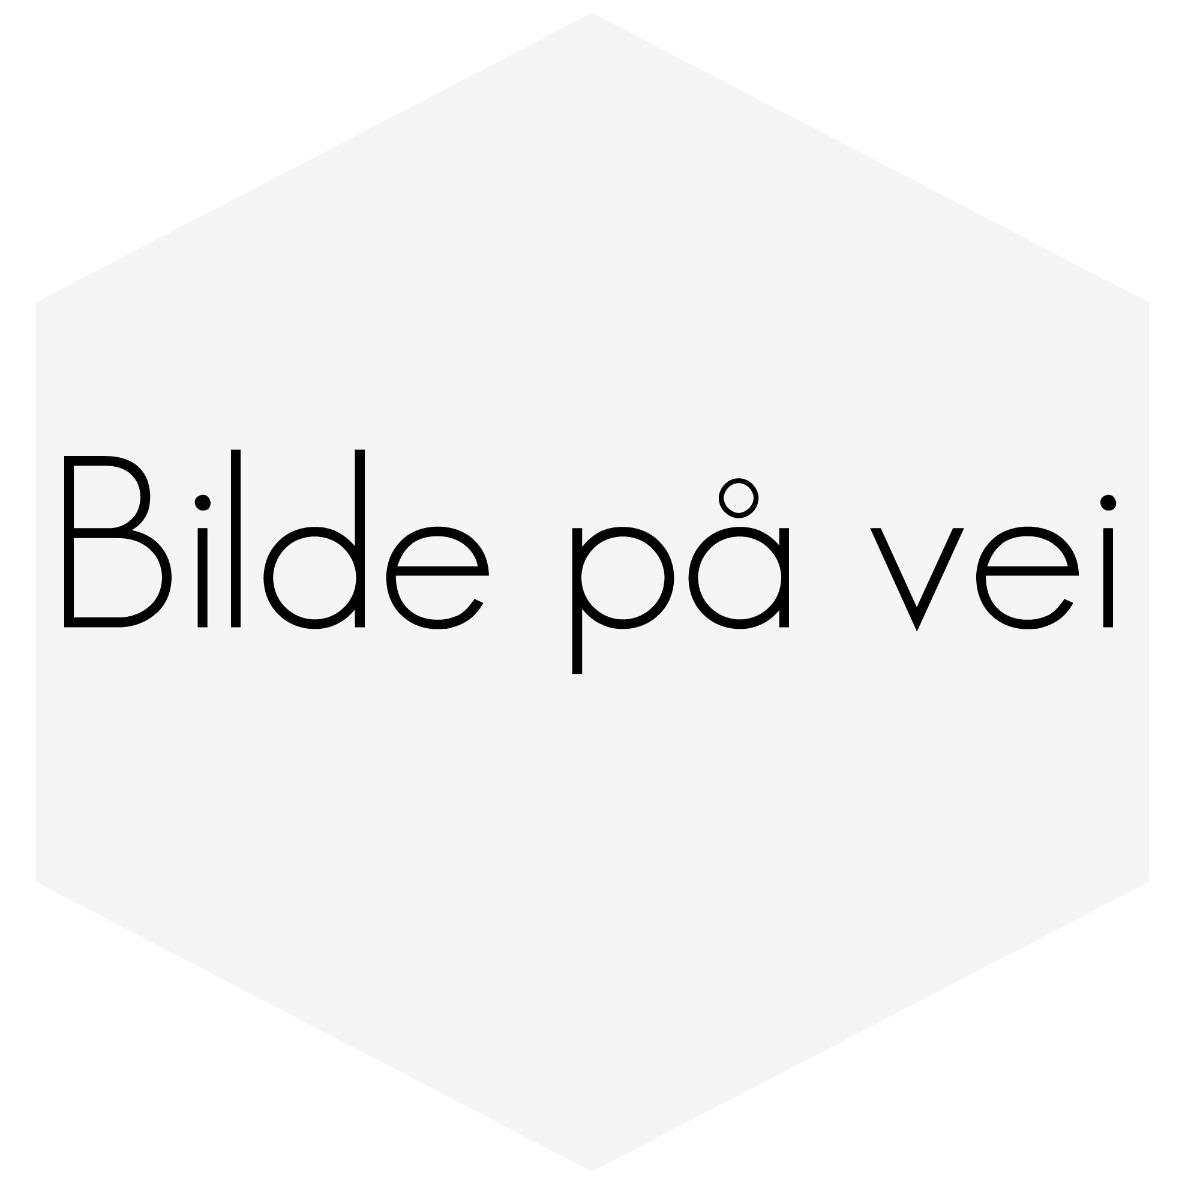 VINDAVVISER-SETT VOLVO 7/940 MED LANG TYPE PÅ BAKDØR. SOTET